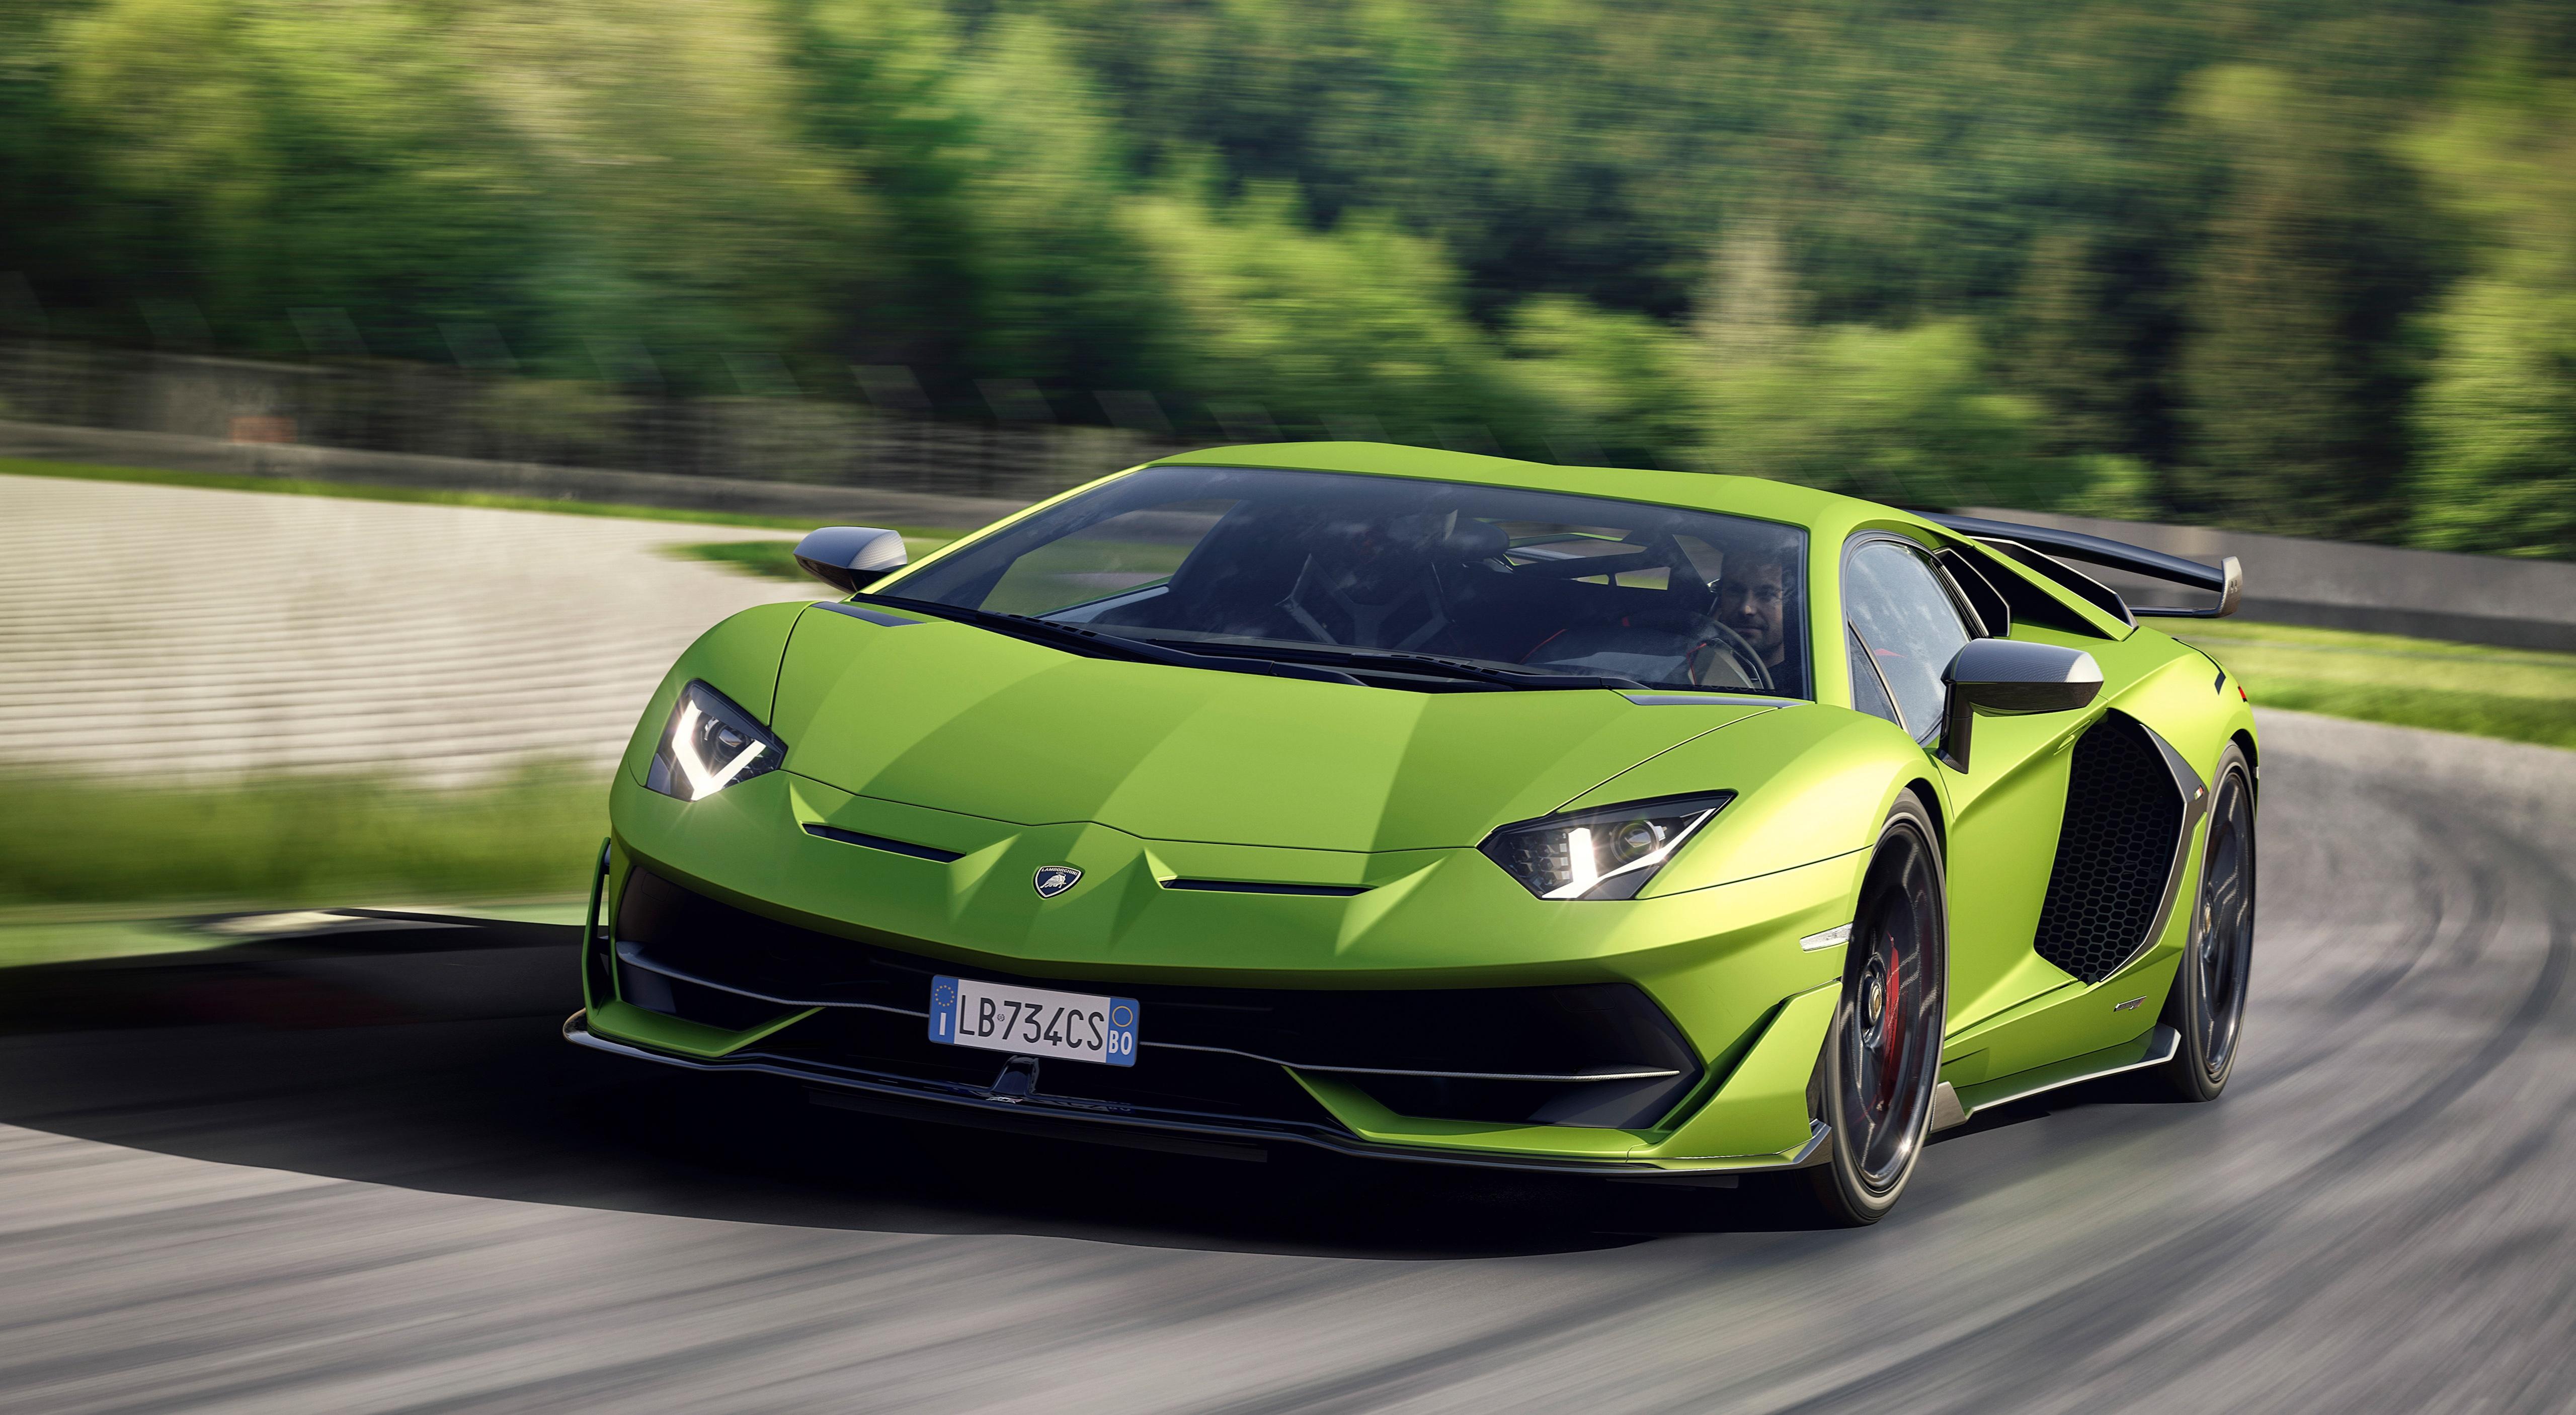 Фотография Lamborghini Размытый фон зеленые Движение Спереди Автомобили Ламборгини боке зеленая Зеленый зеленых едет едущий едущая скорость авто машины машина автомобиль